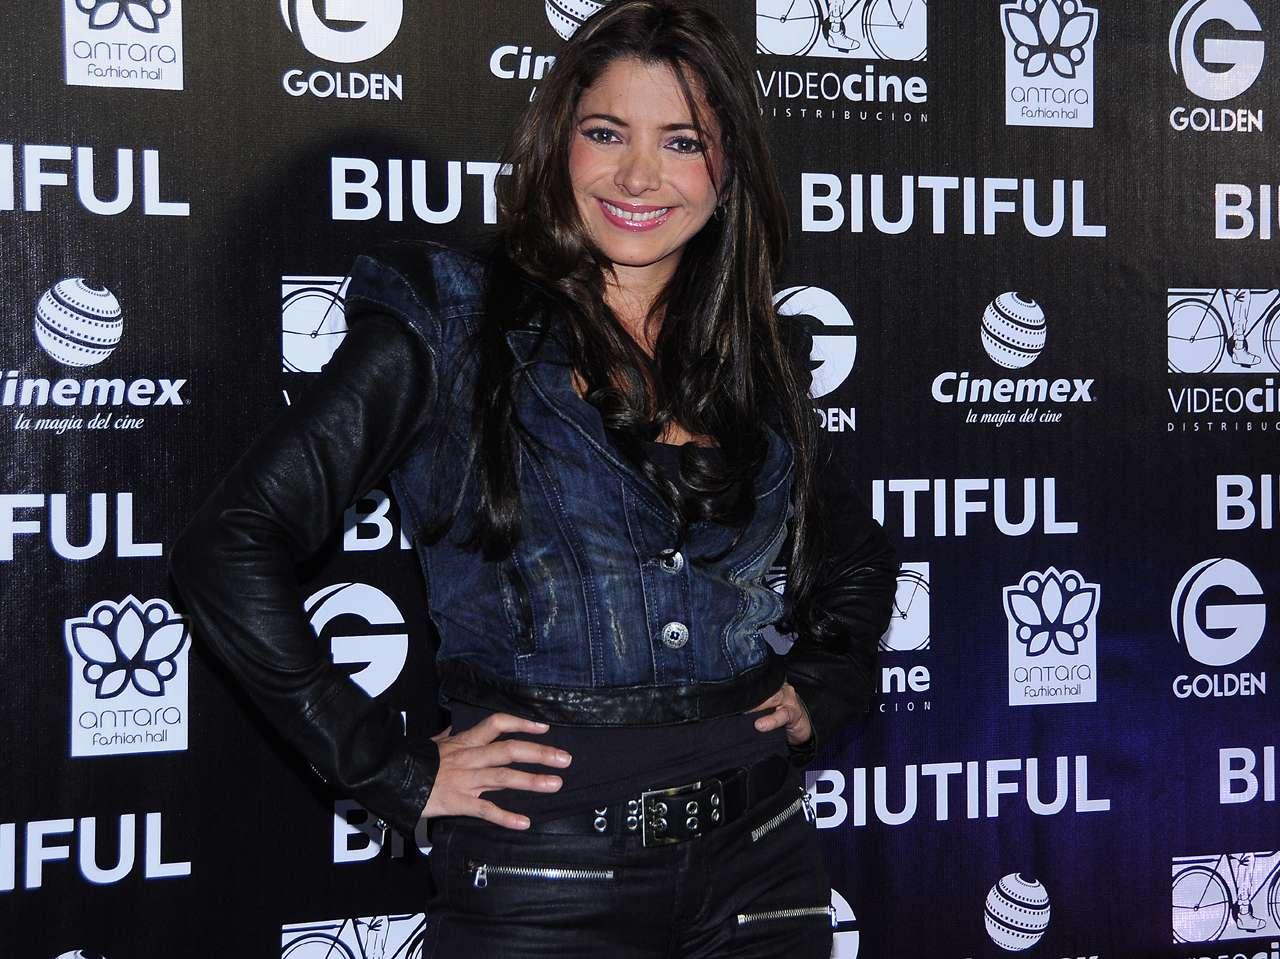 Pilar Montenegro desea lanzar nuevo CD con boleros. Foto: Medios y Media